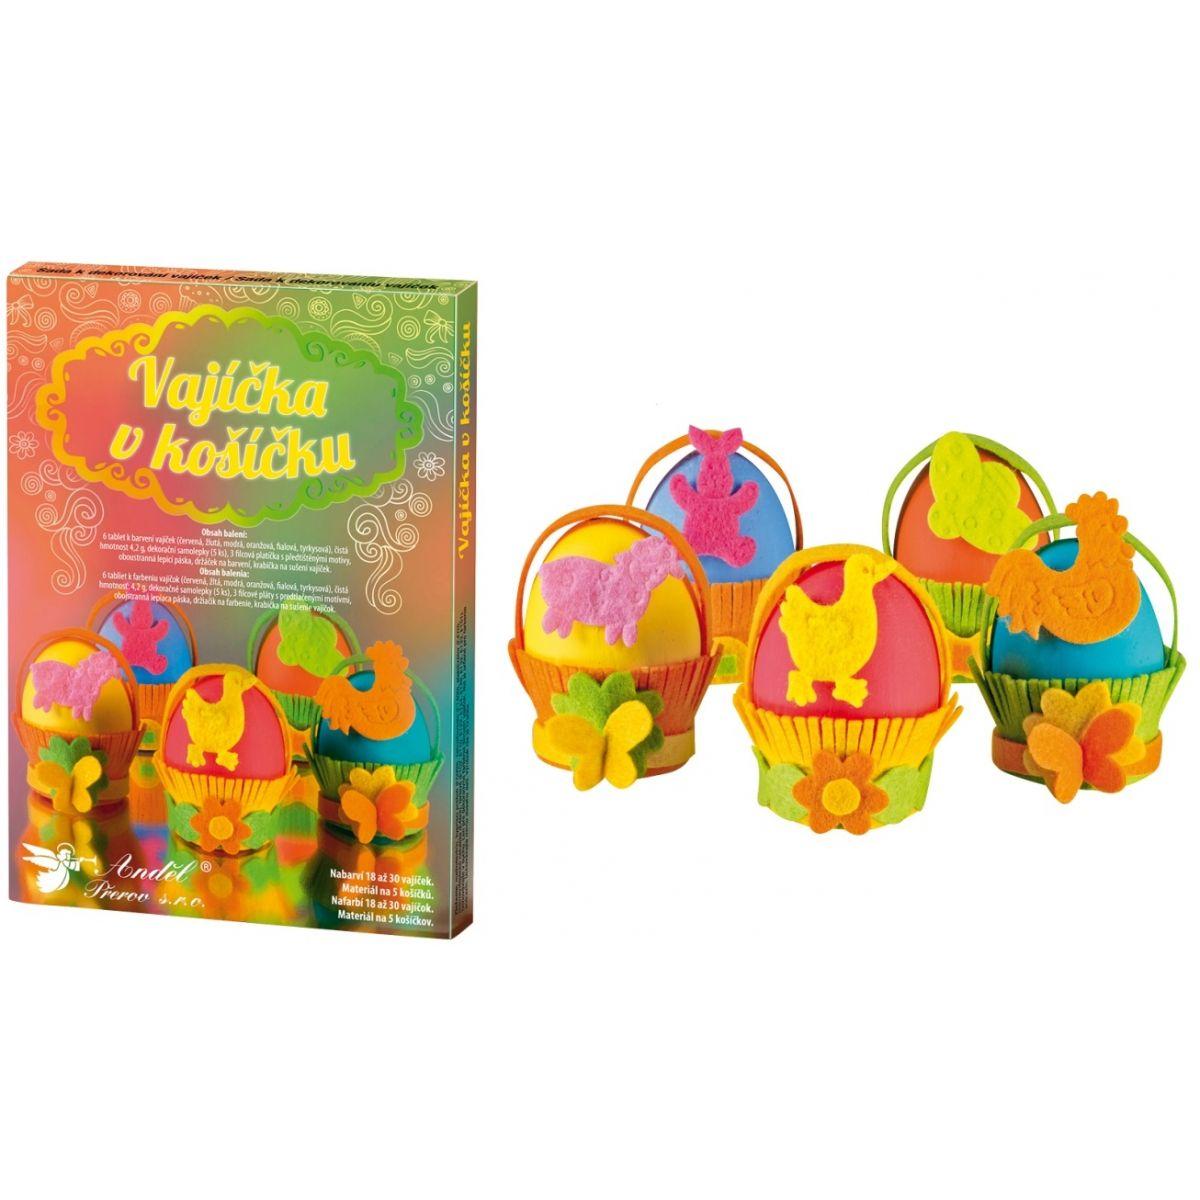 Sada k dekorovanie vajíčok - vajíčka v košíčku